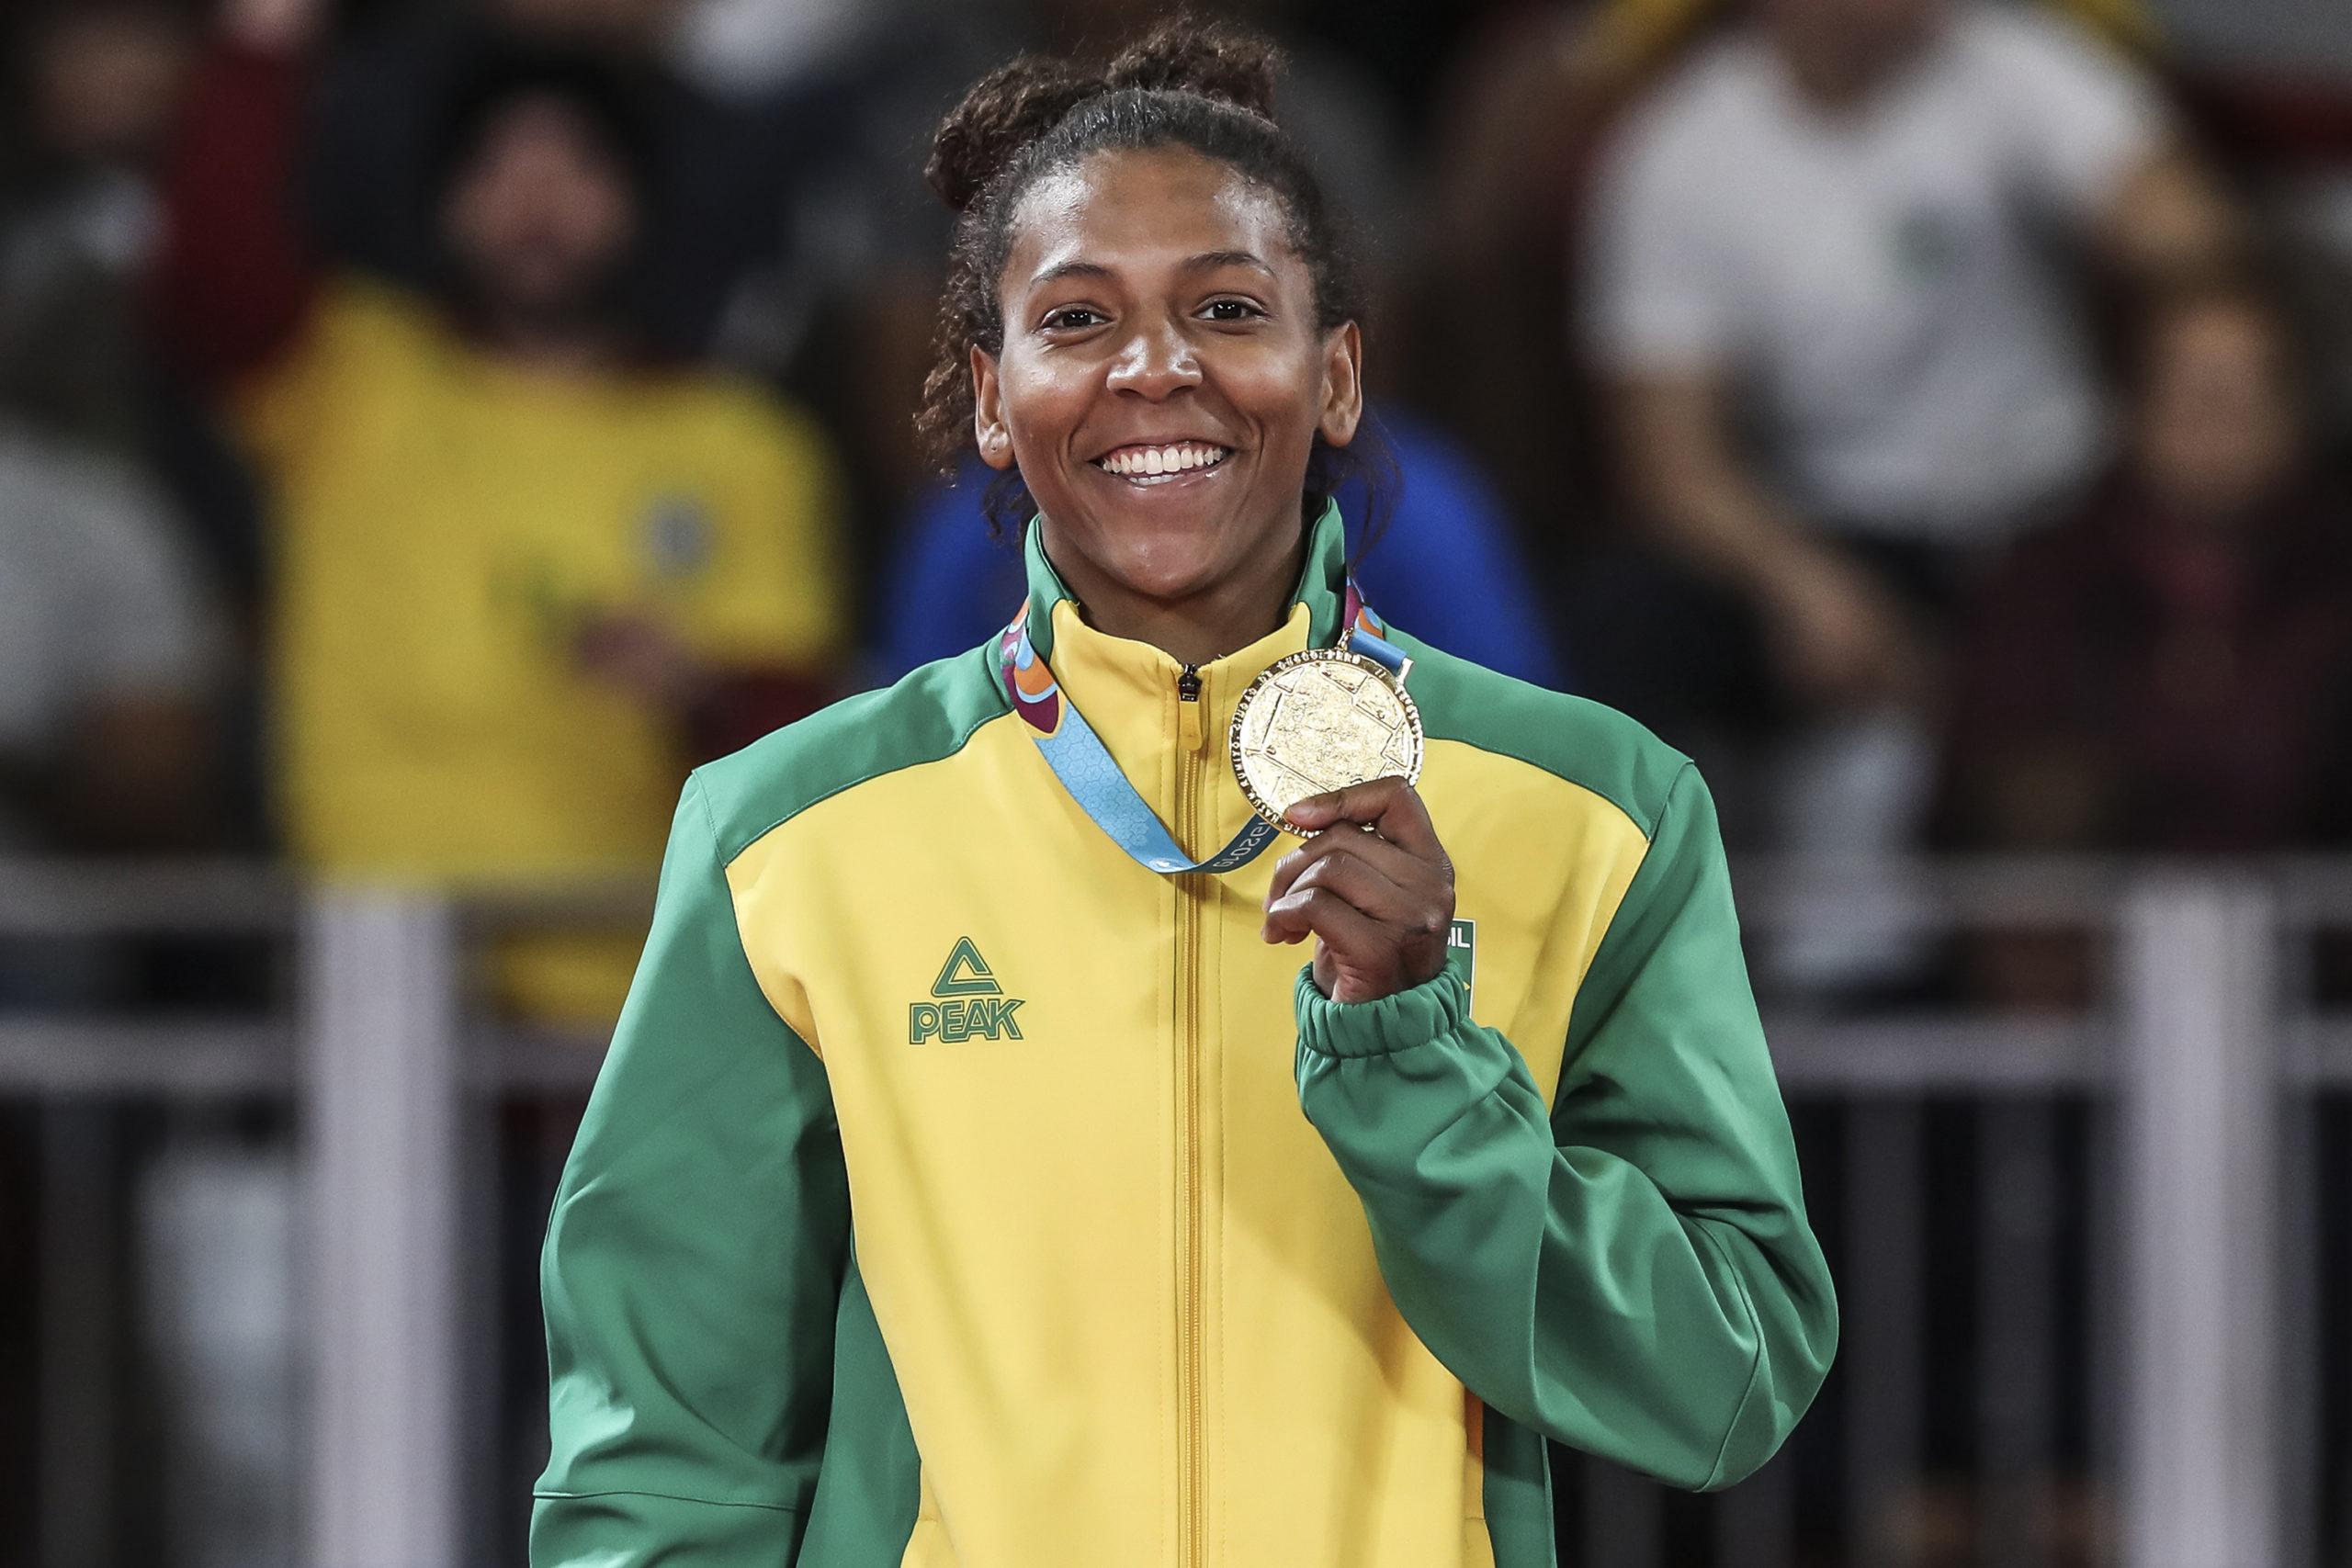 Rafaela Silva é punida pela PanAm Sports e terá que devolver medalha de ouro